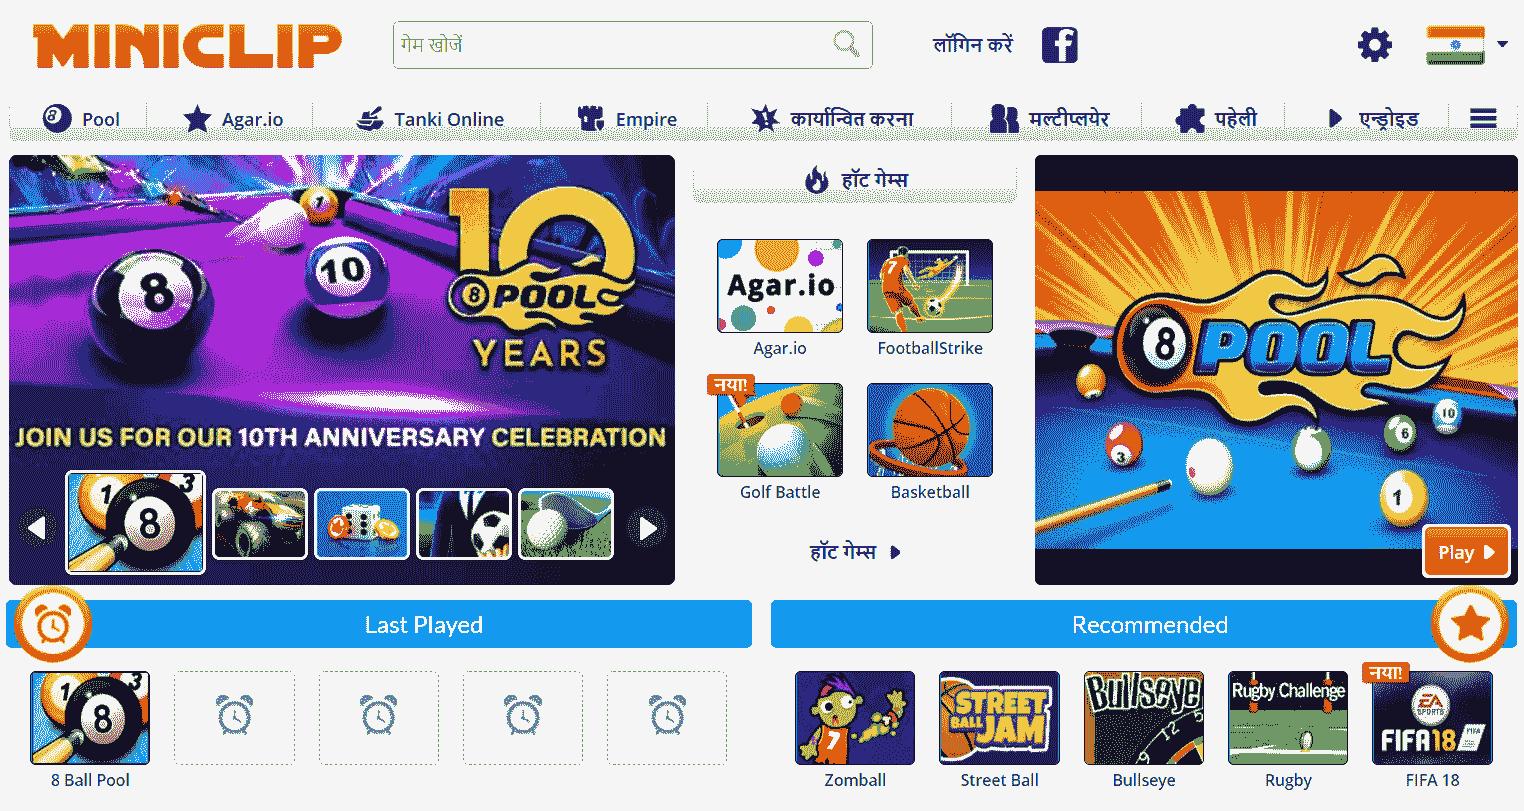 Online Game कैसे खेलें Best Online Gaming Websites गूगल पर गेम कैसे खेलें बिना डाउनलोड किये गेम कैसे खेले ऑनलाइन फ्री में गेम कैसे खेलें